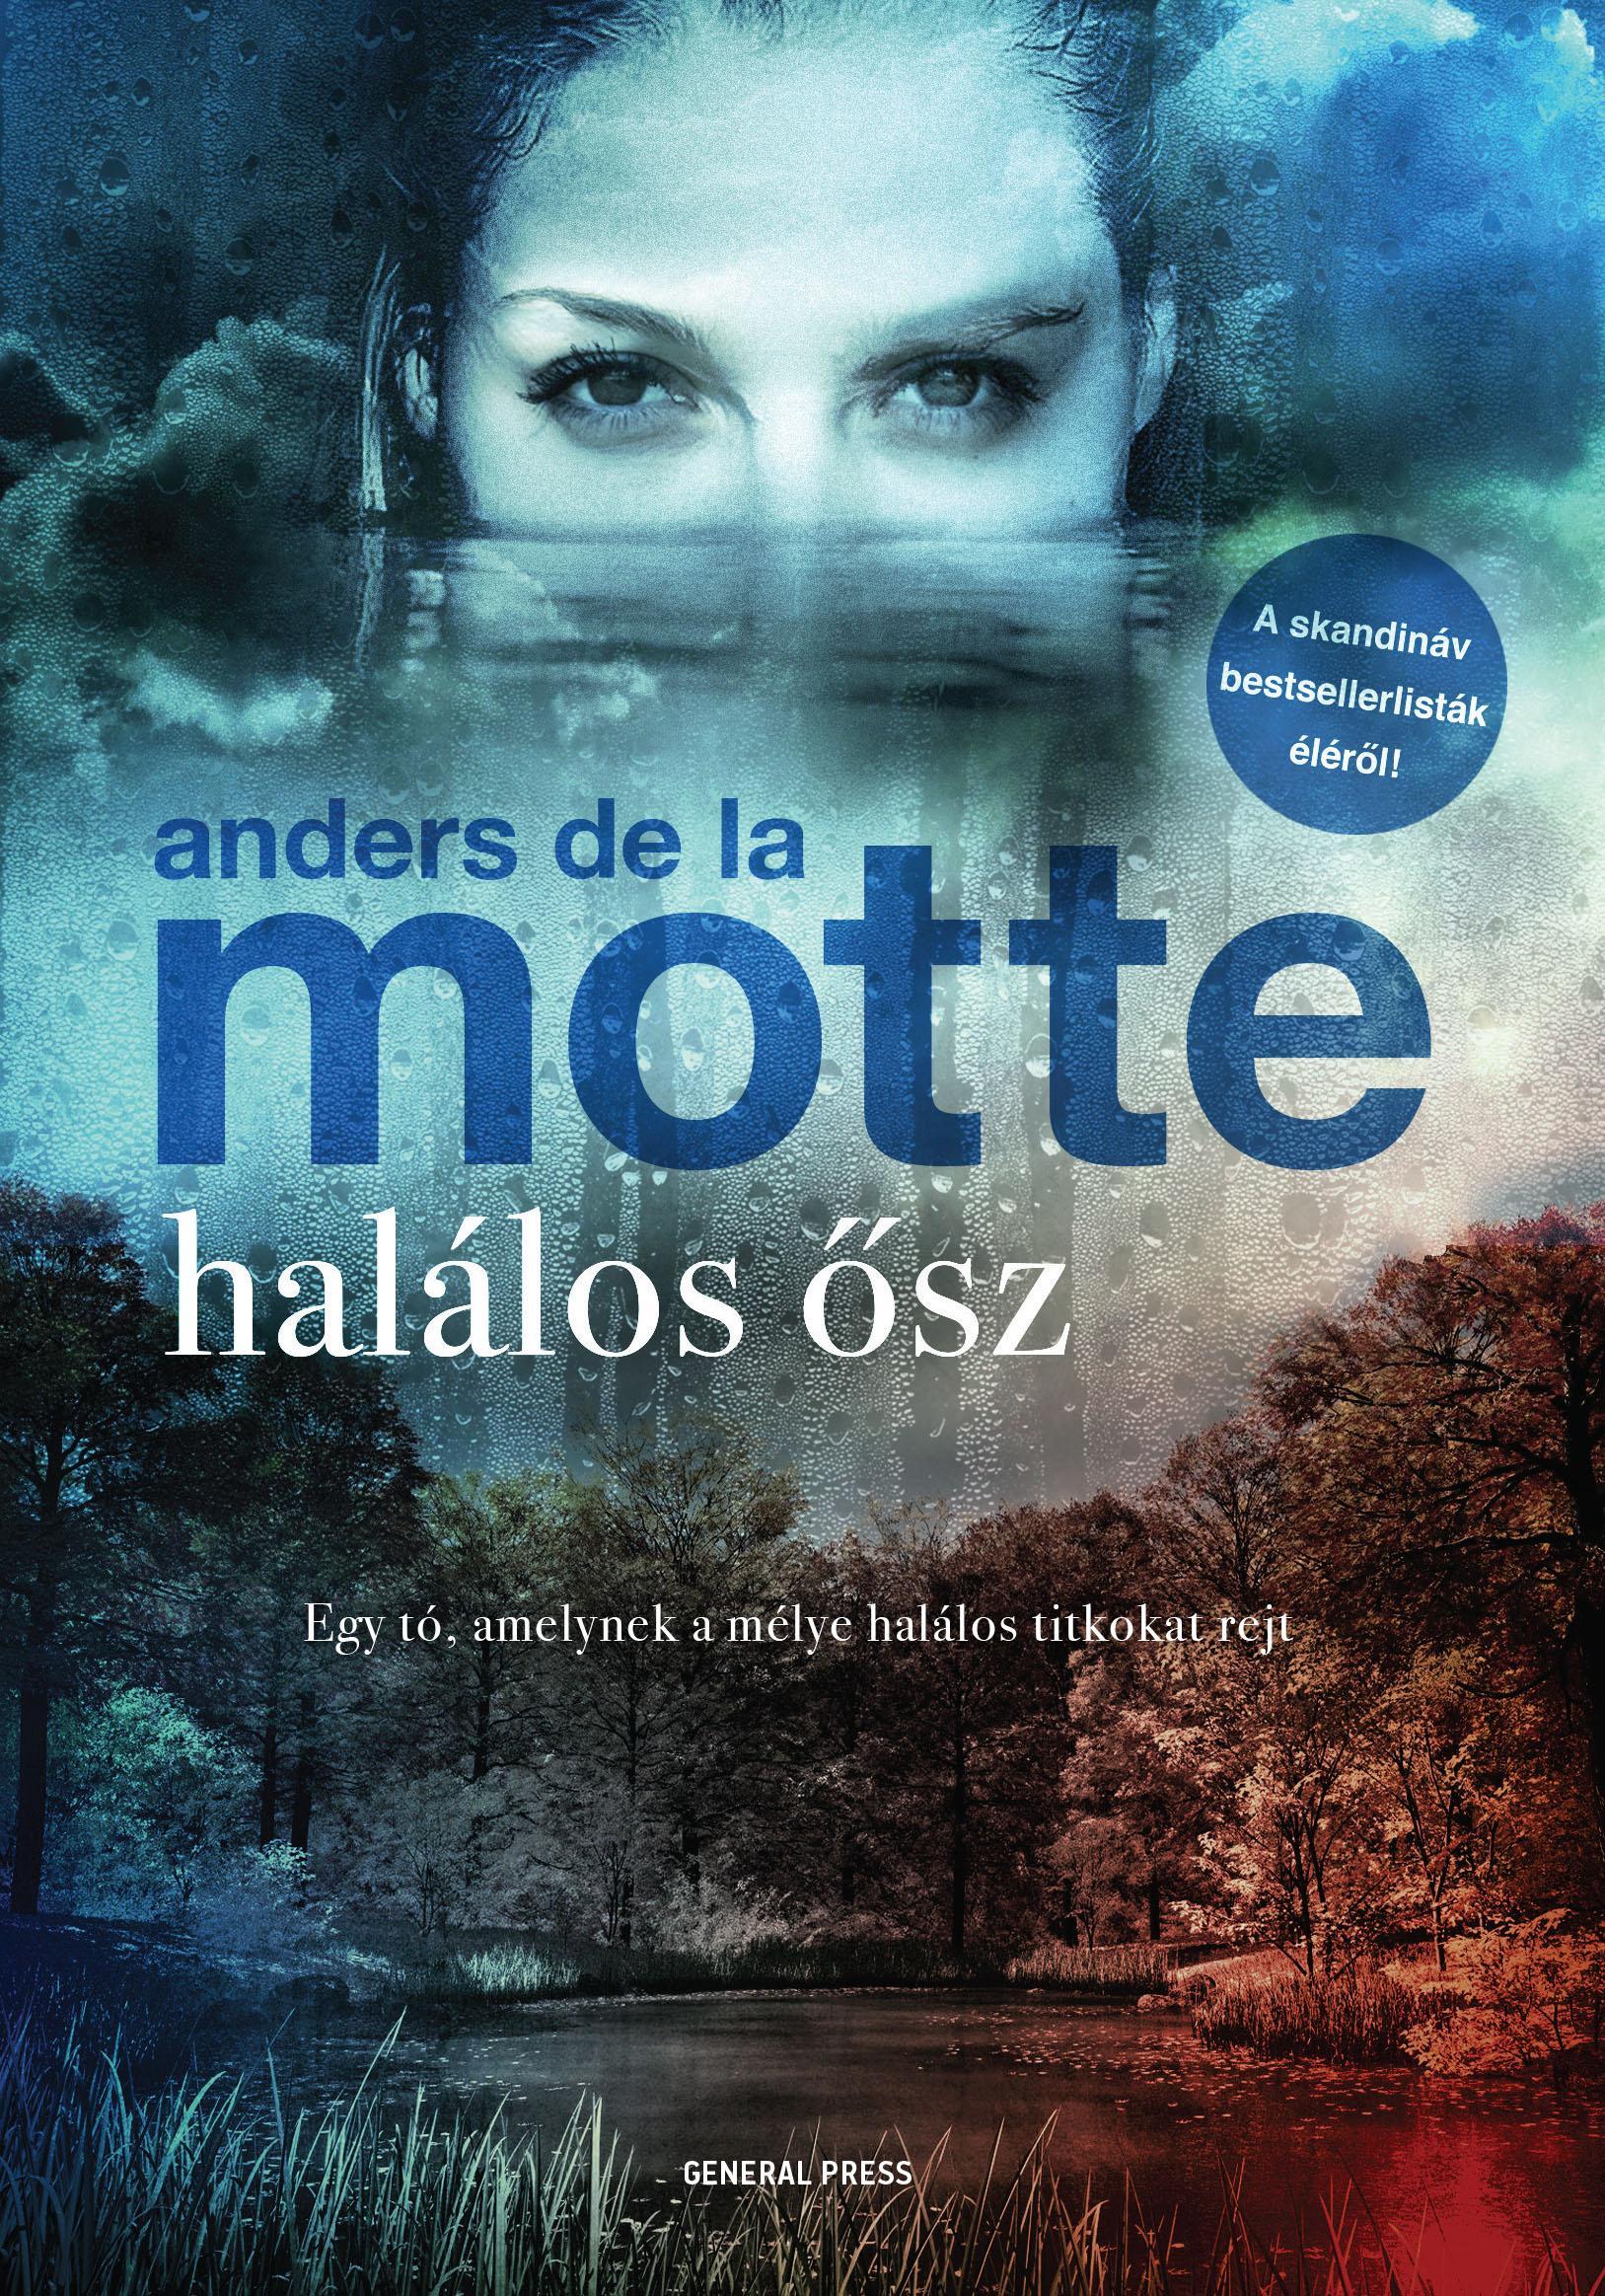 Anders da la Motte - Halálos ősz